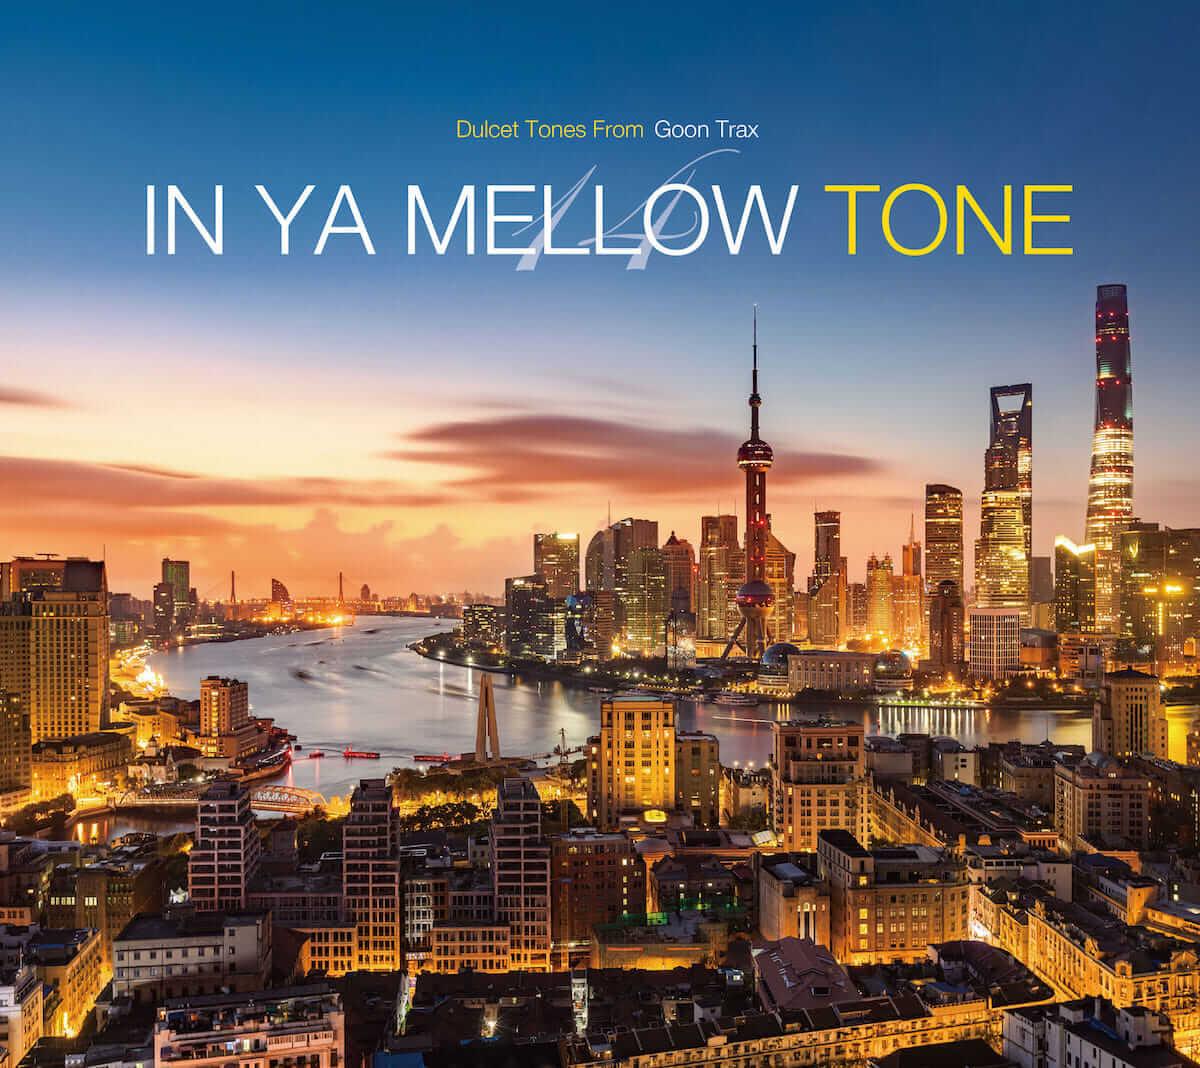 シリーズ累計37万枚突破のモンスター・コンピ最新作『IN YA MELLOW TONE 14』発売! music180411_inyamellowtune_2-1200x1068